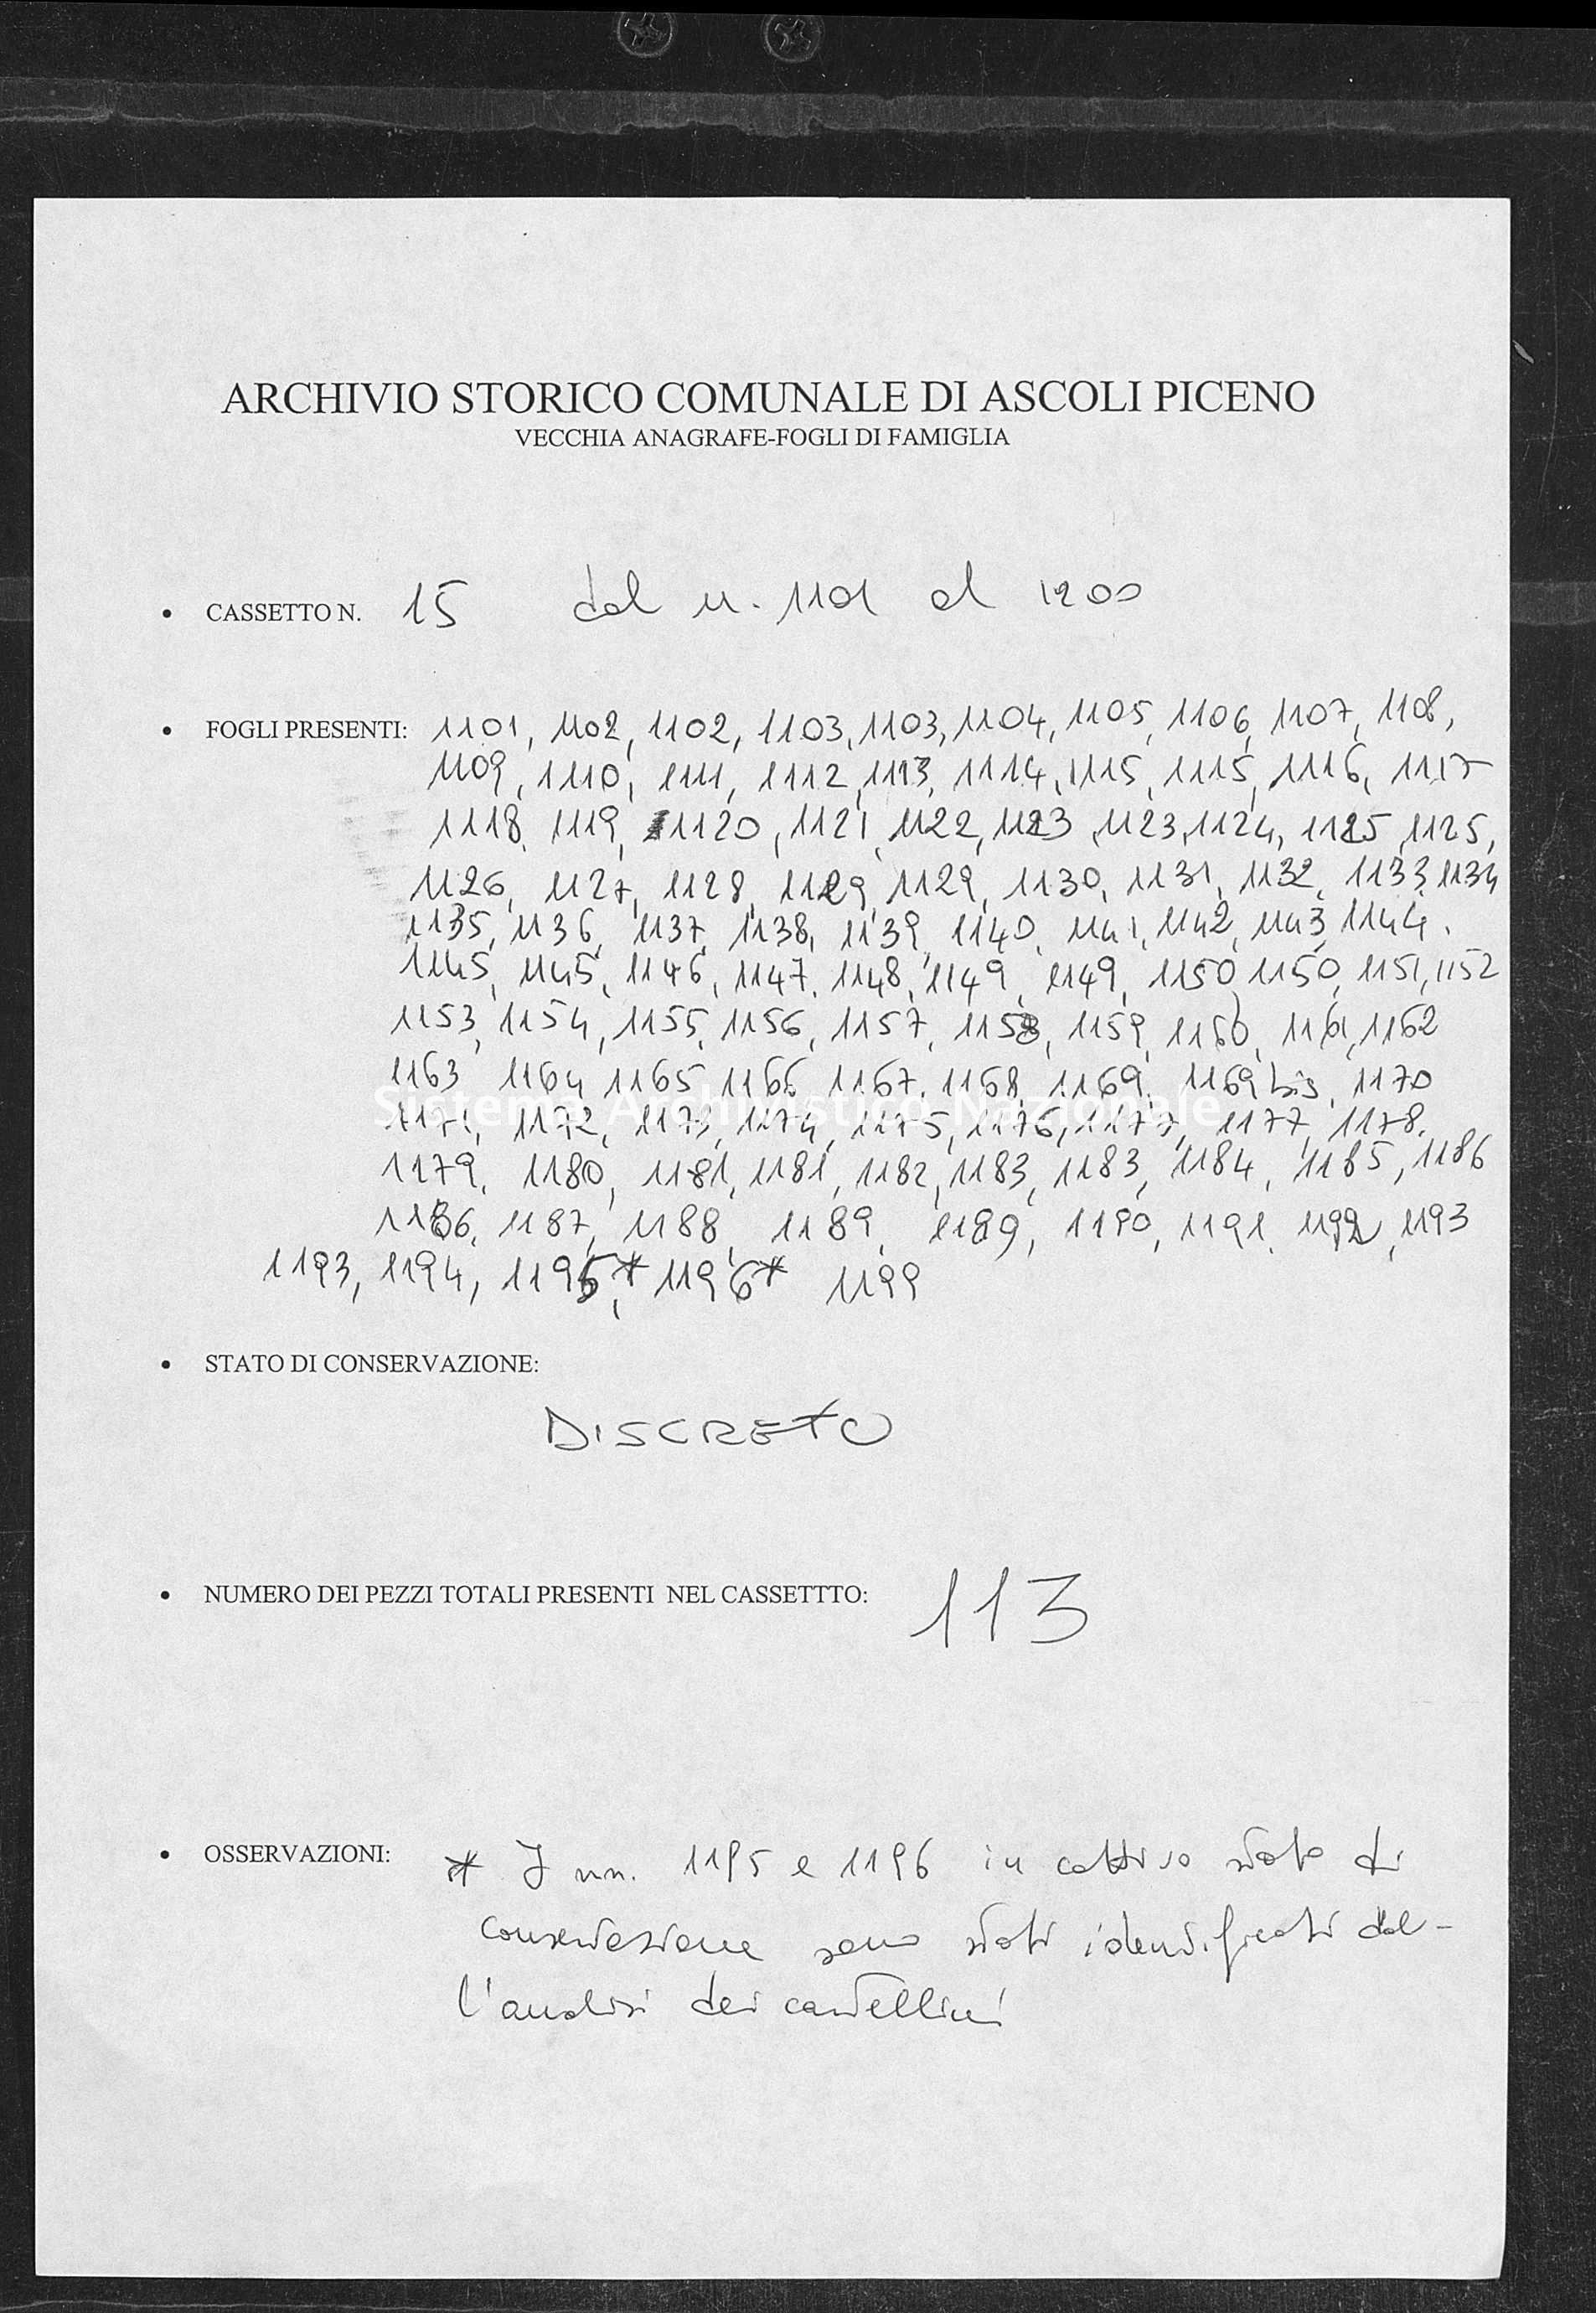 Archivio di stato di Ascoli Piceno - Stato civile italiano - Ascoli Piceno - Censimento - 1800-1880 - 15, fogli 1101-1199 -